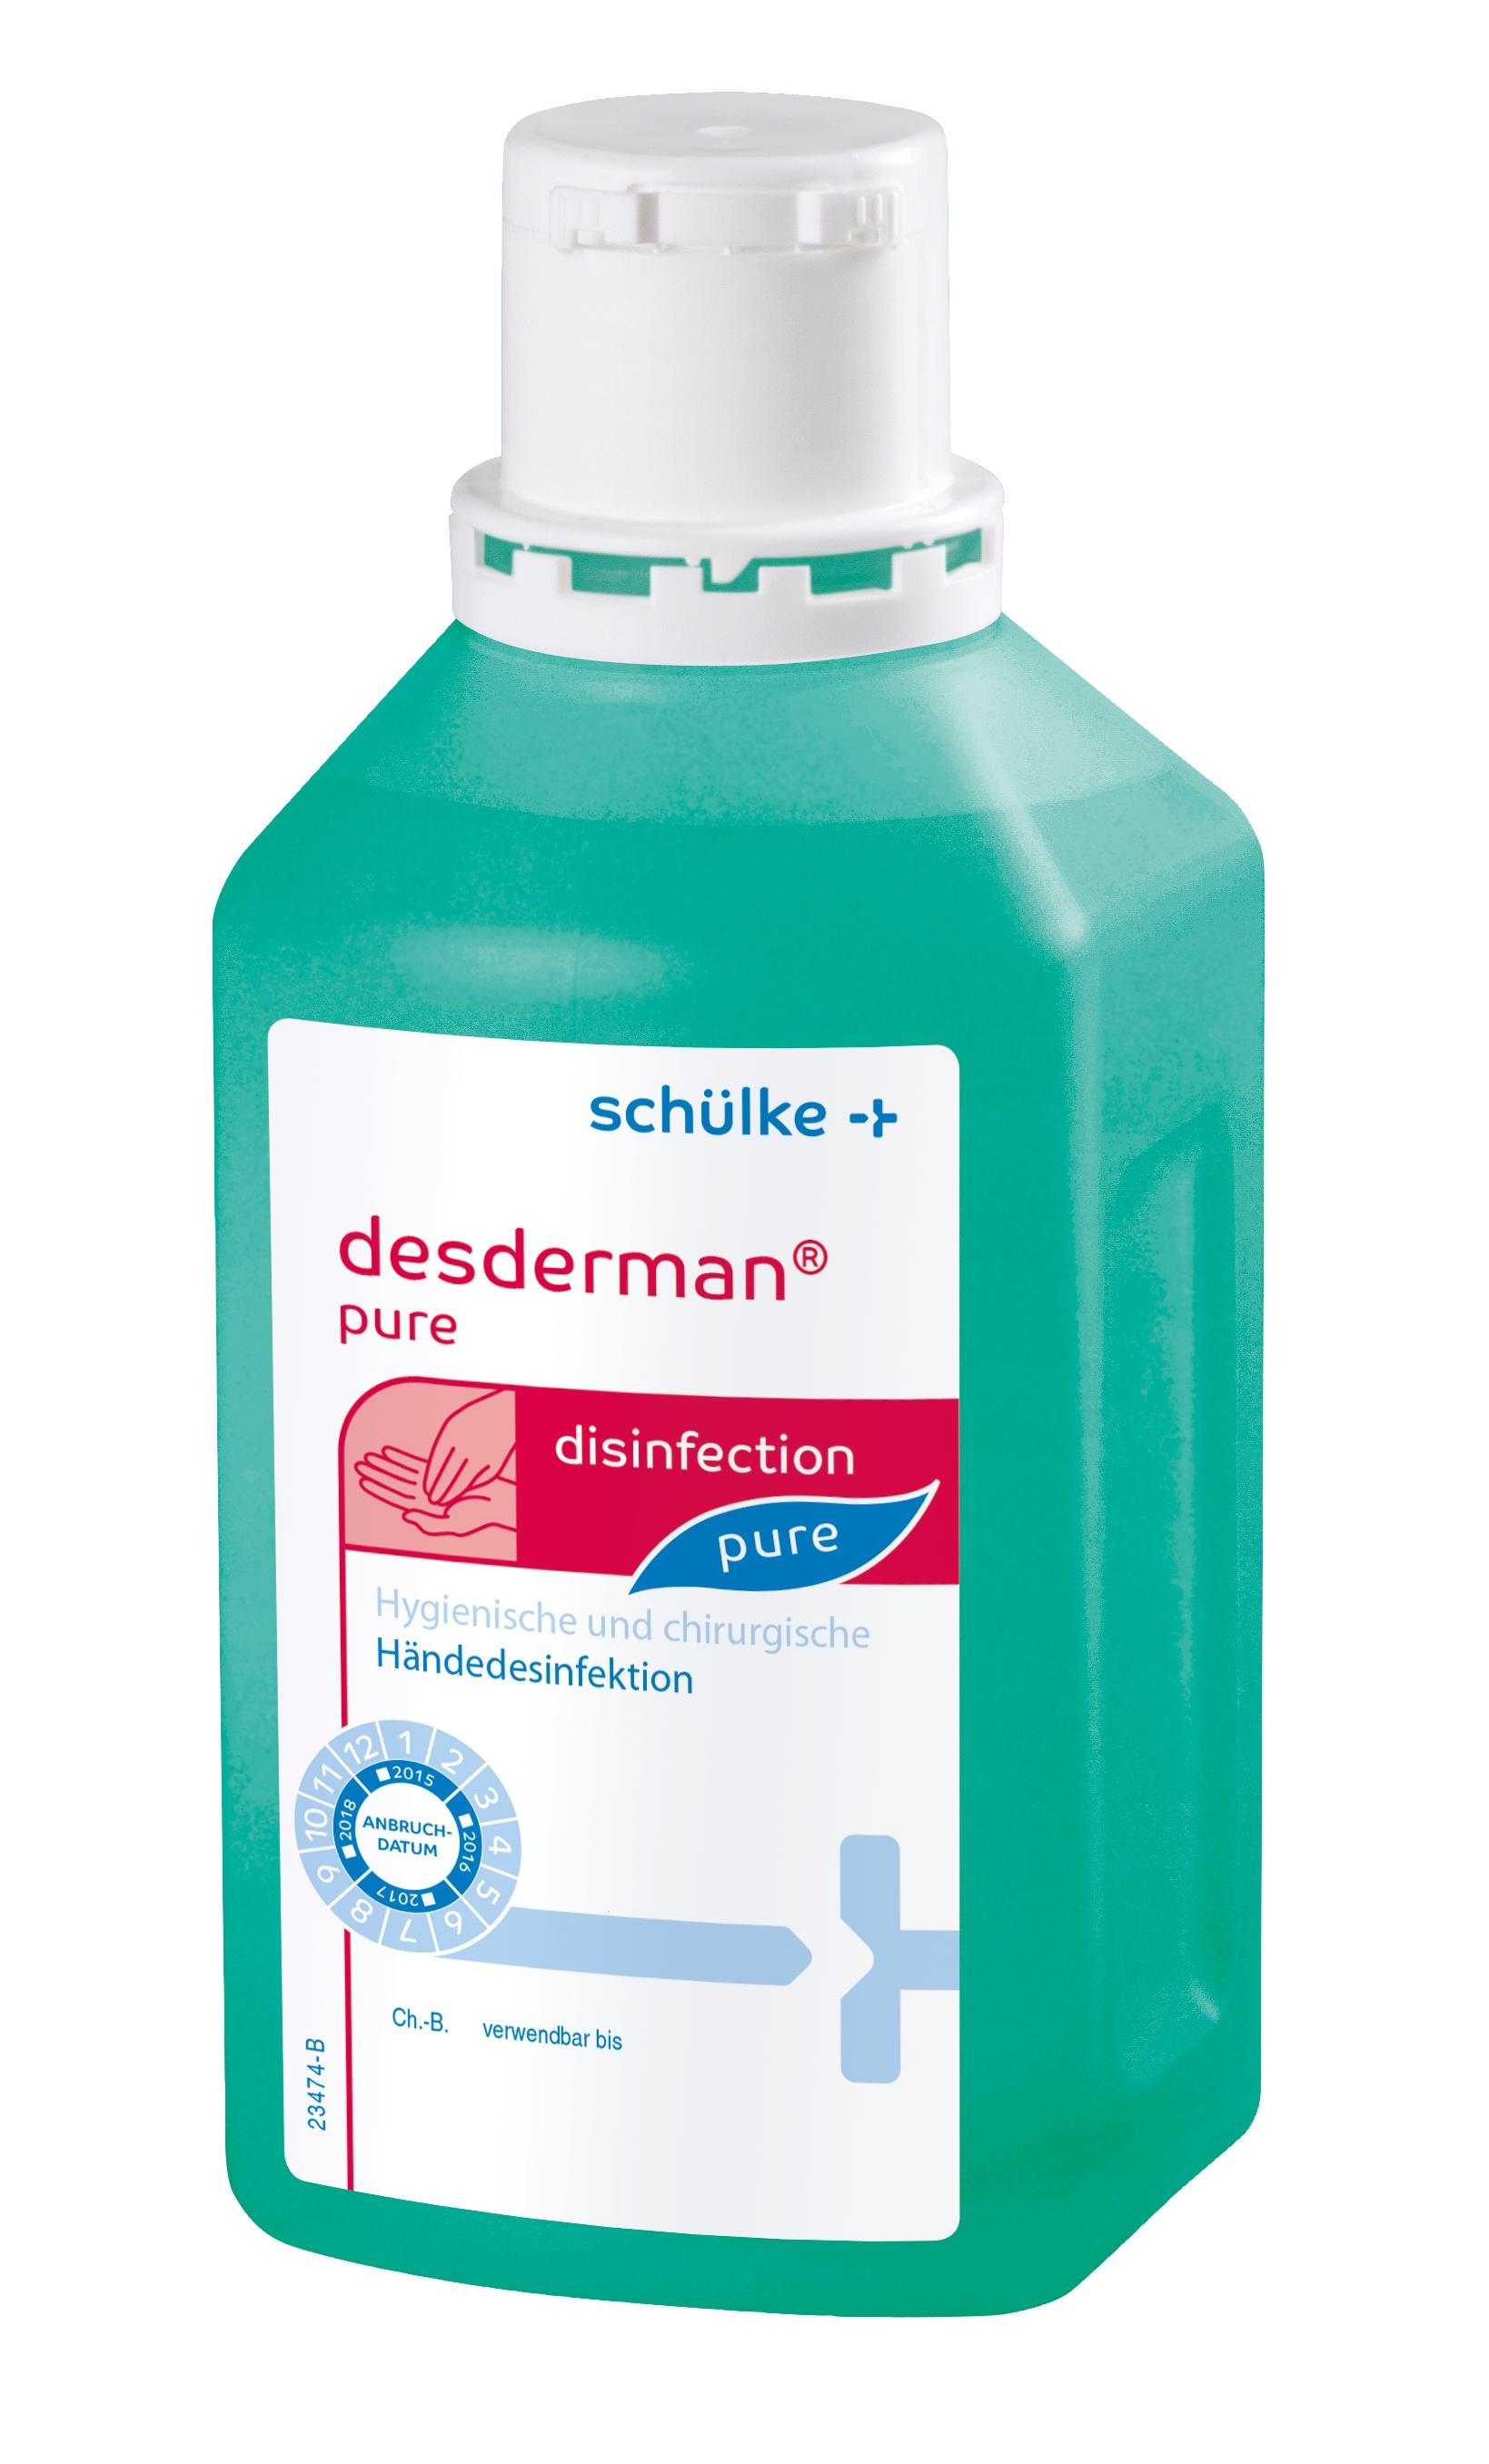 desderman pure - Händedesinfektionsmittel